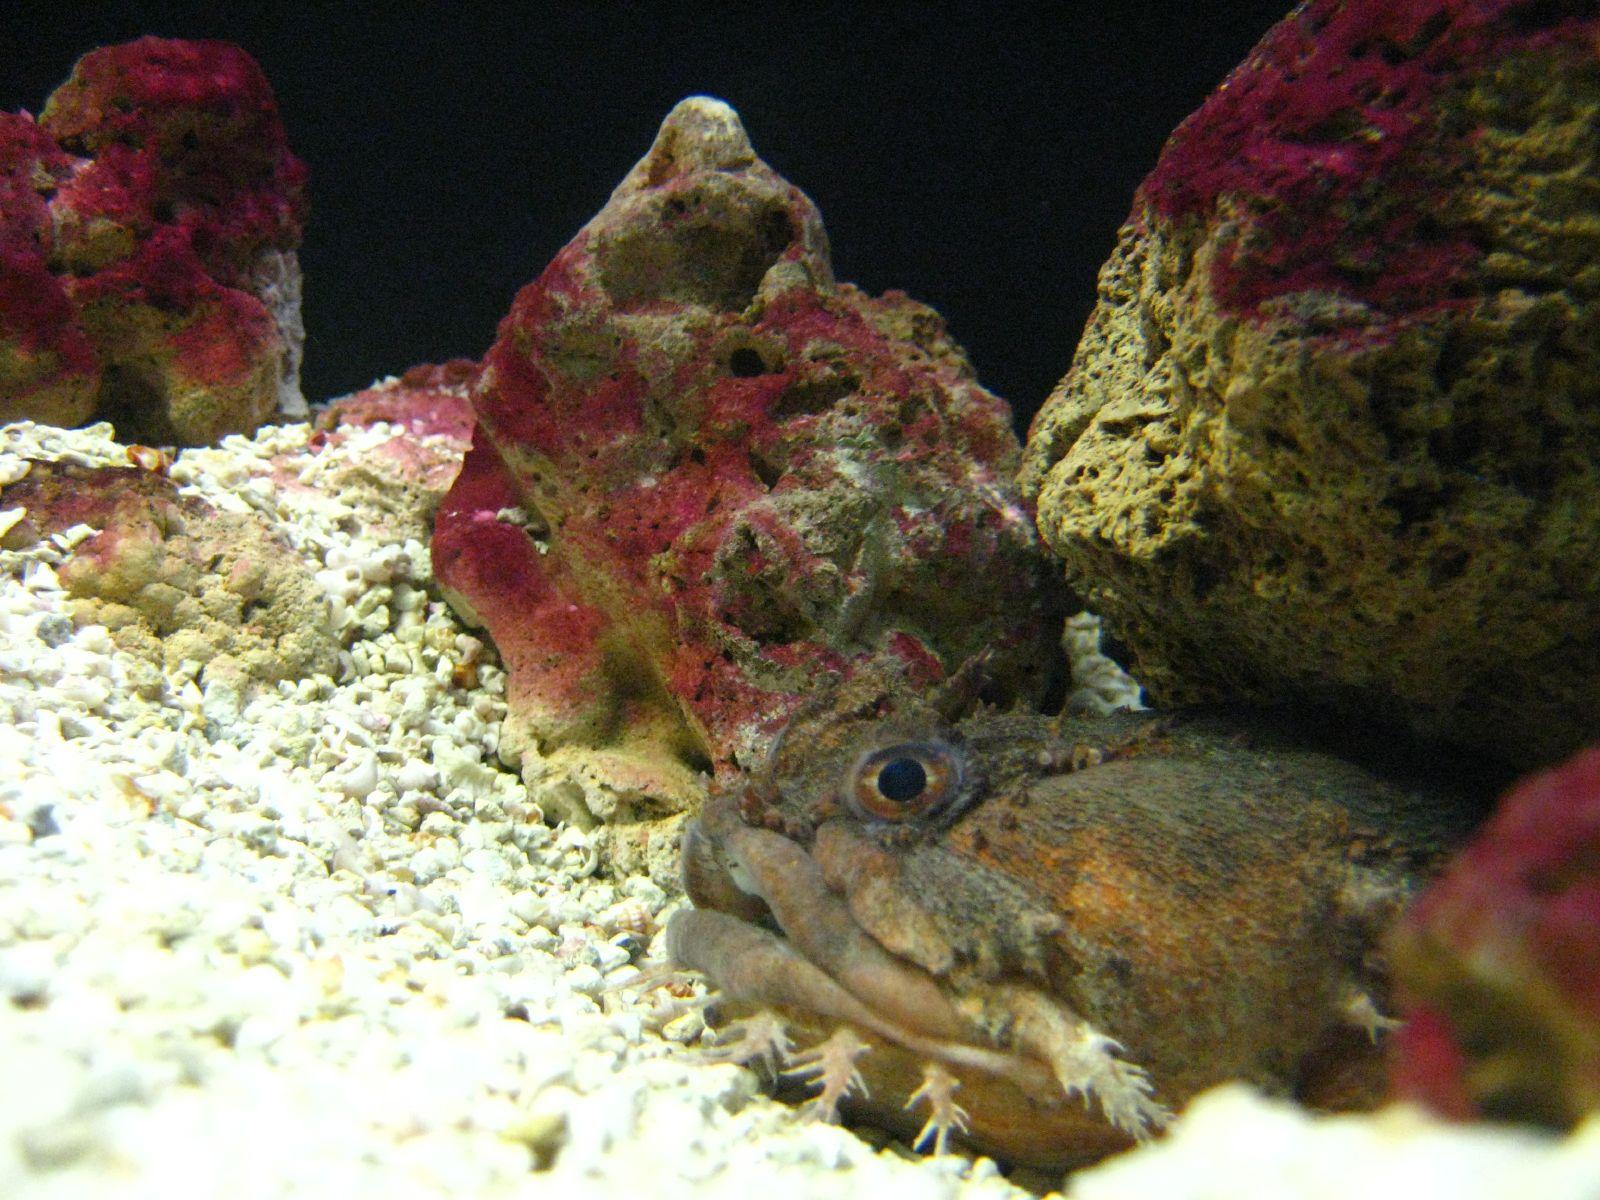 Рыба-жаба возле камней фото